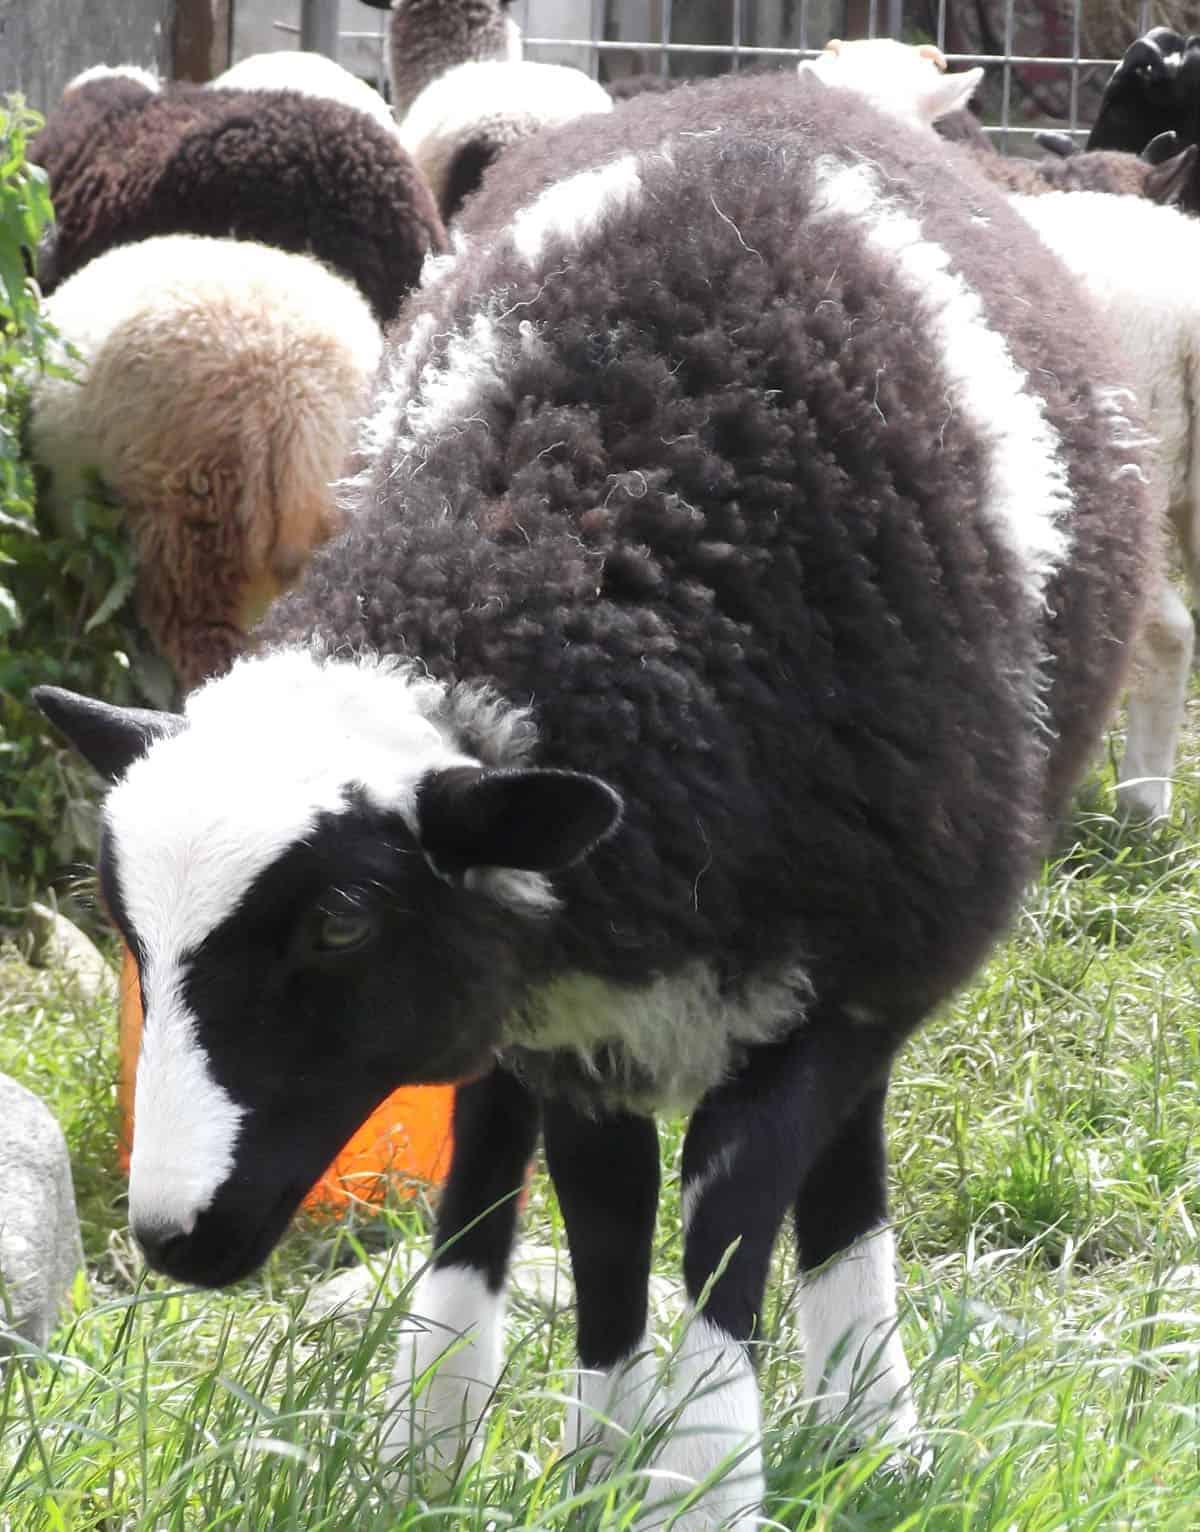 Holly pet lamb sheep jacob cross shetland spotted black grey white wales gwynedd kids farm life lamb